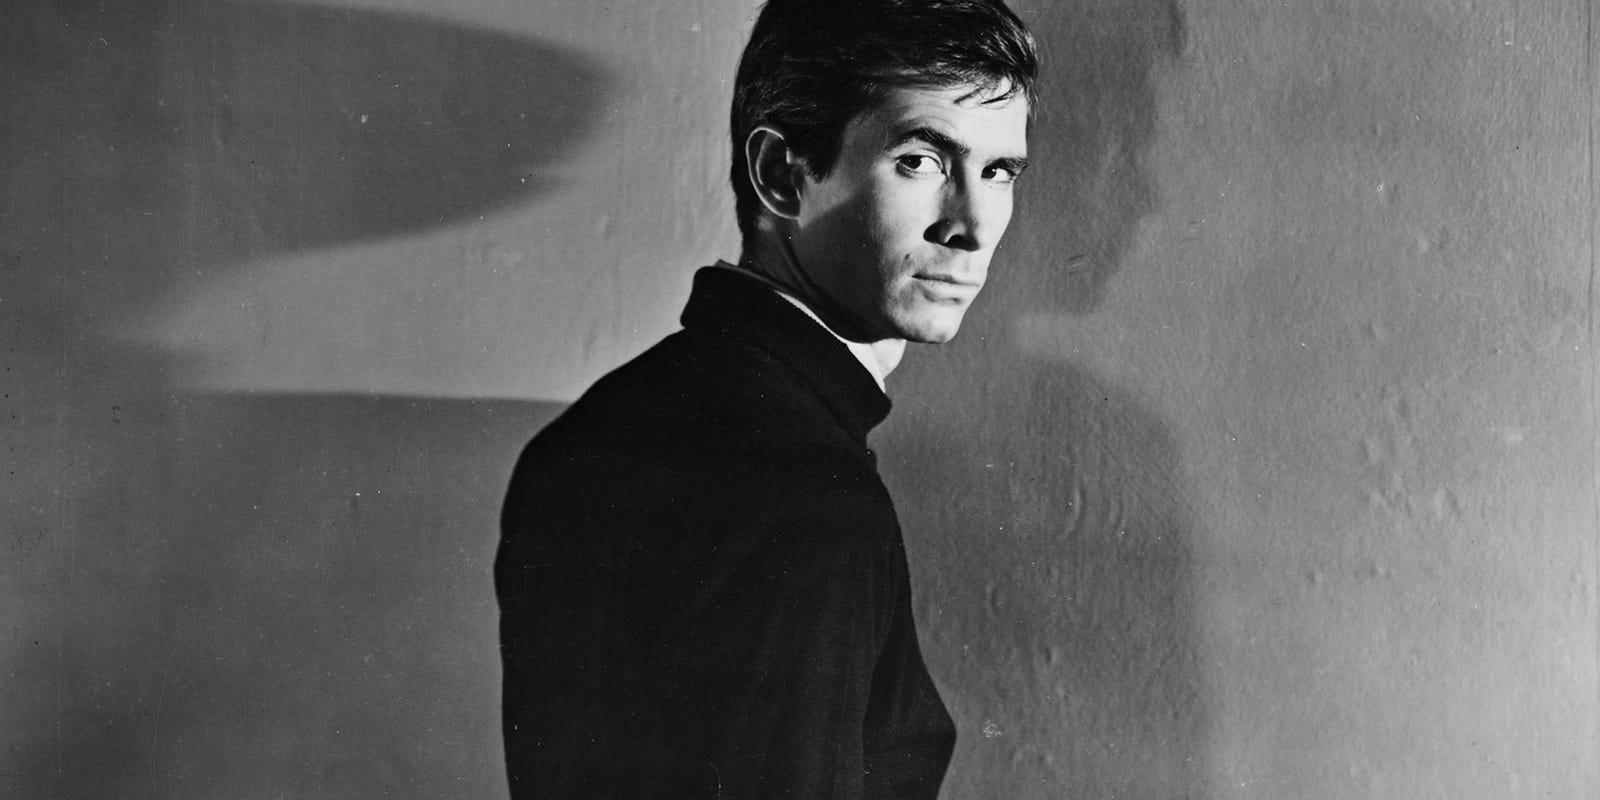 Psycho Norman Bates